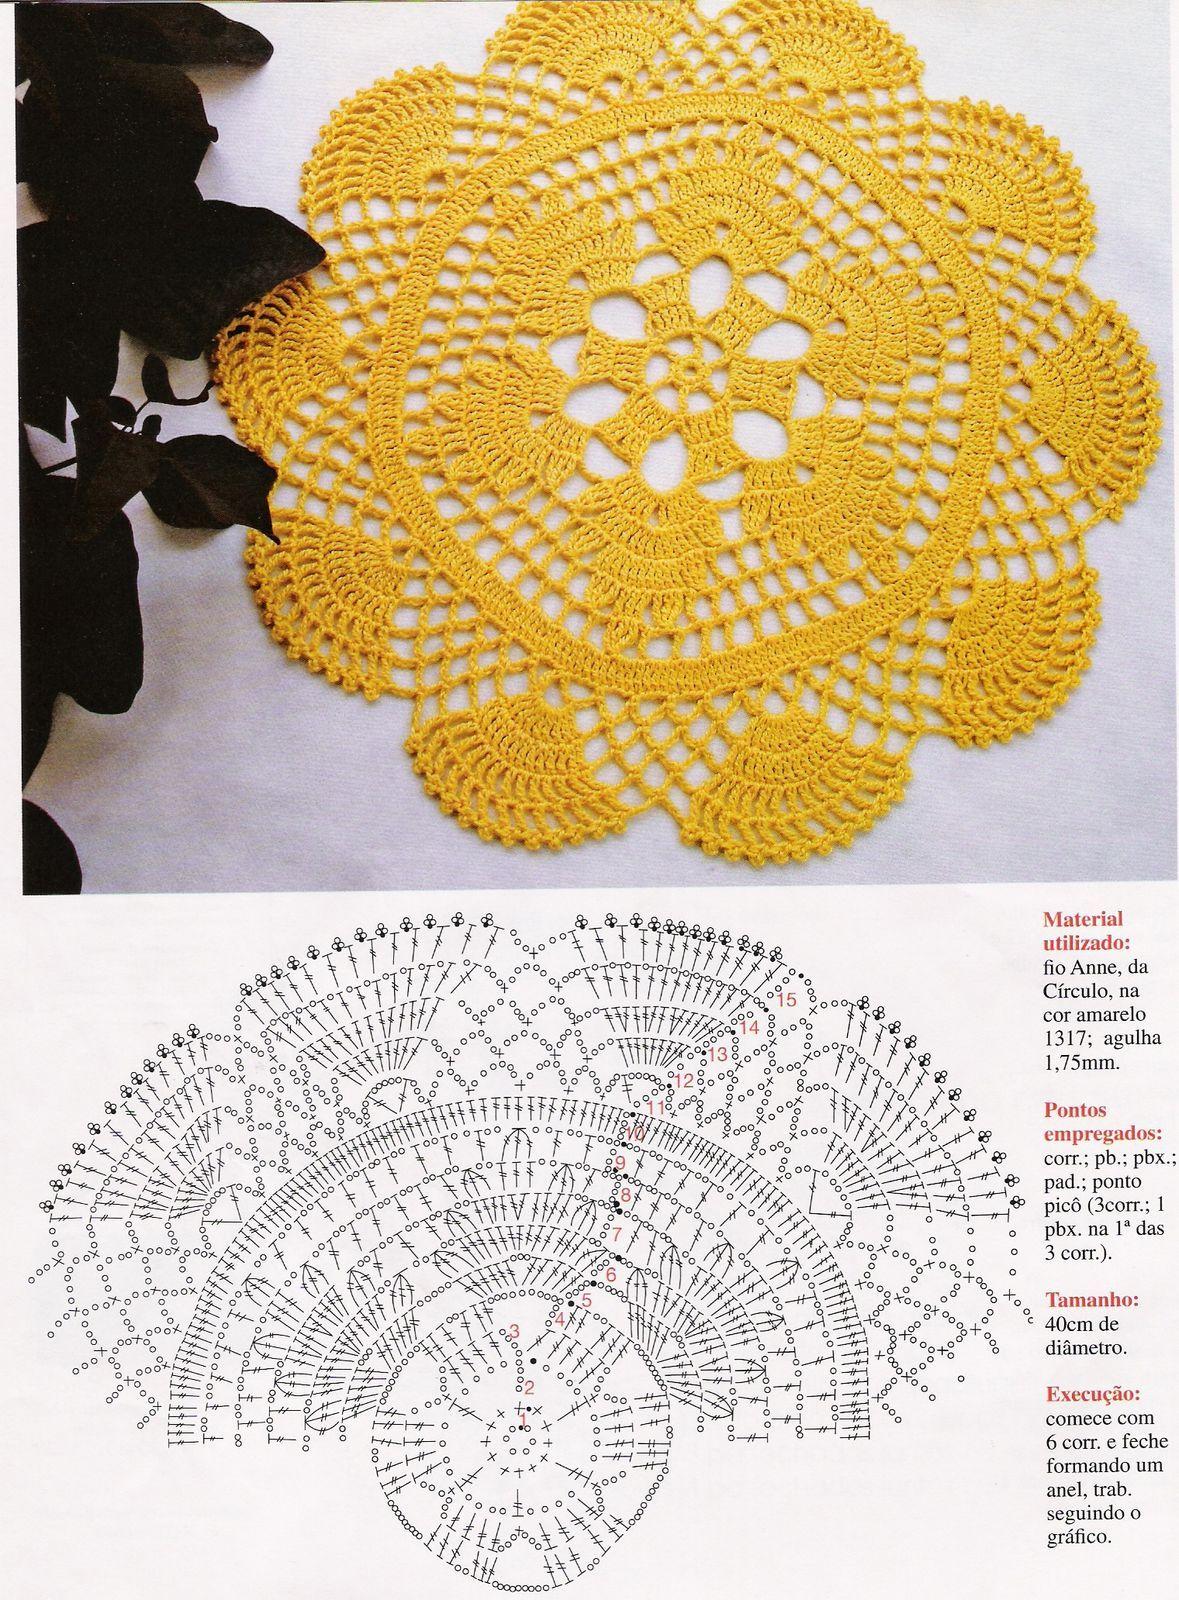 Grafico De Toalhinhas Toalhinhas De Croche Sousplat Croche Guardanapo De Croche